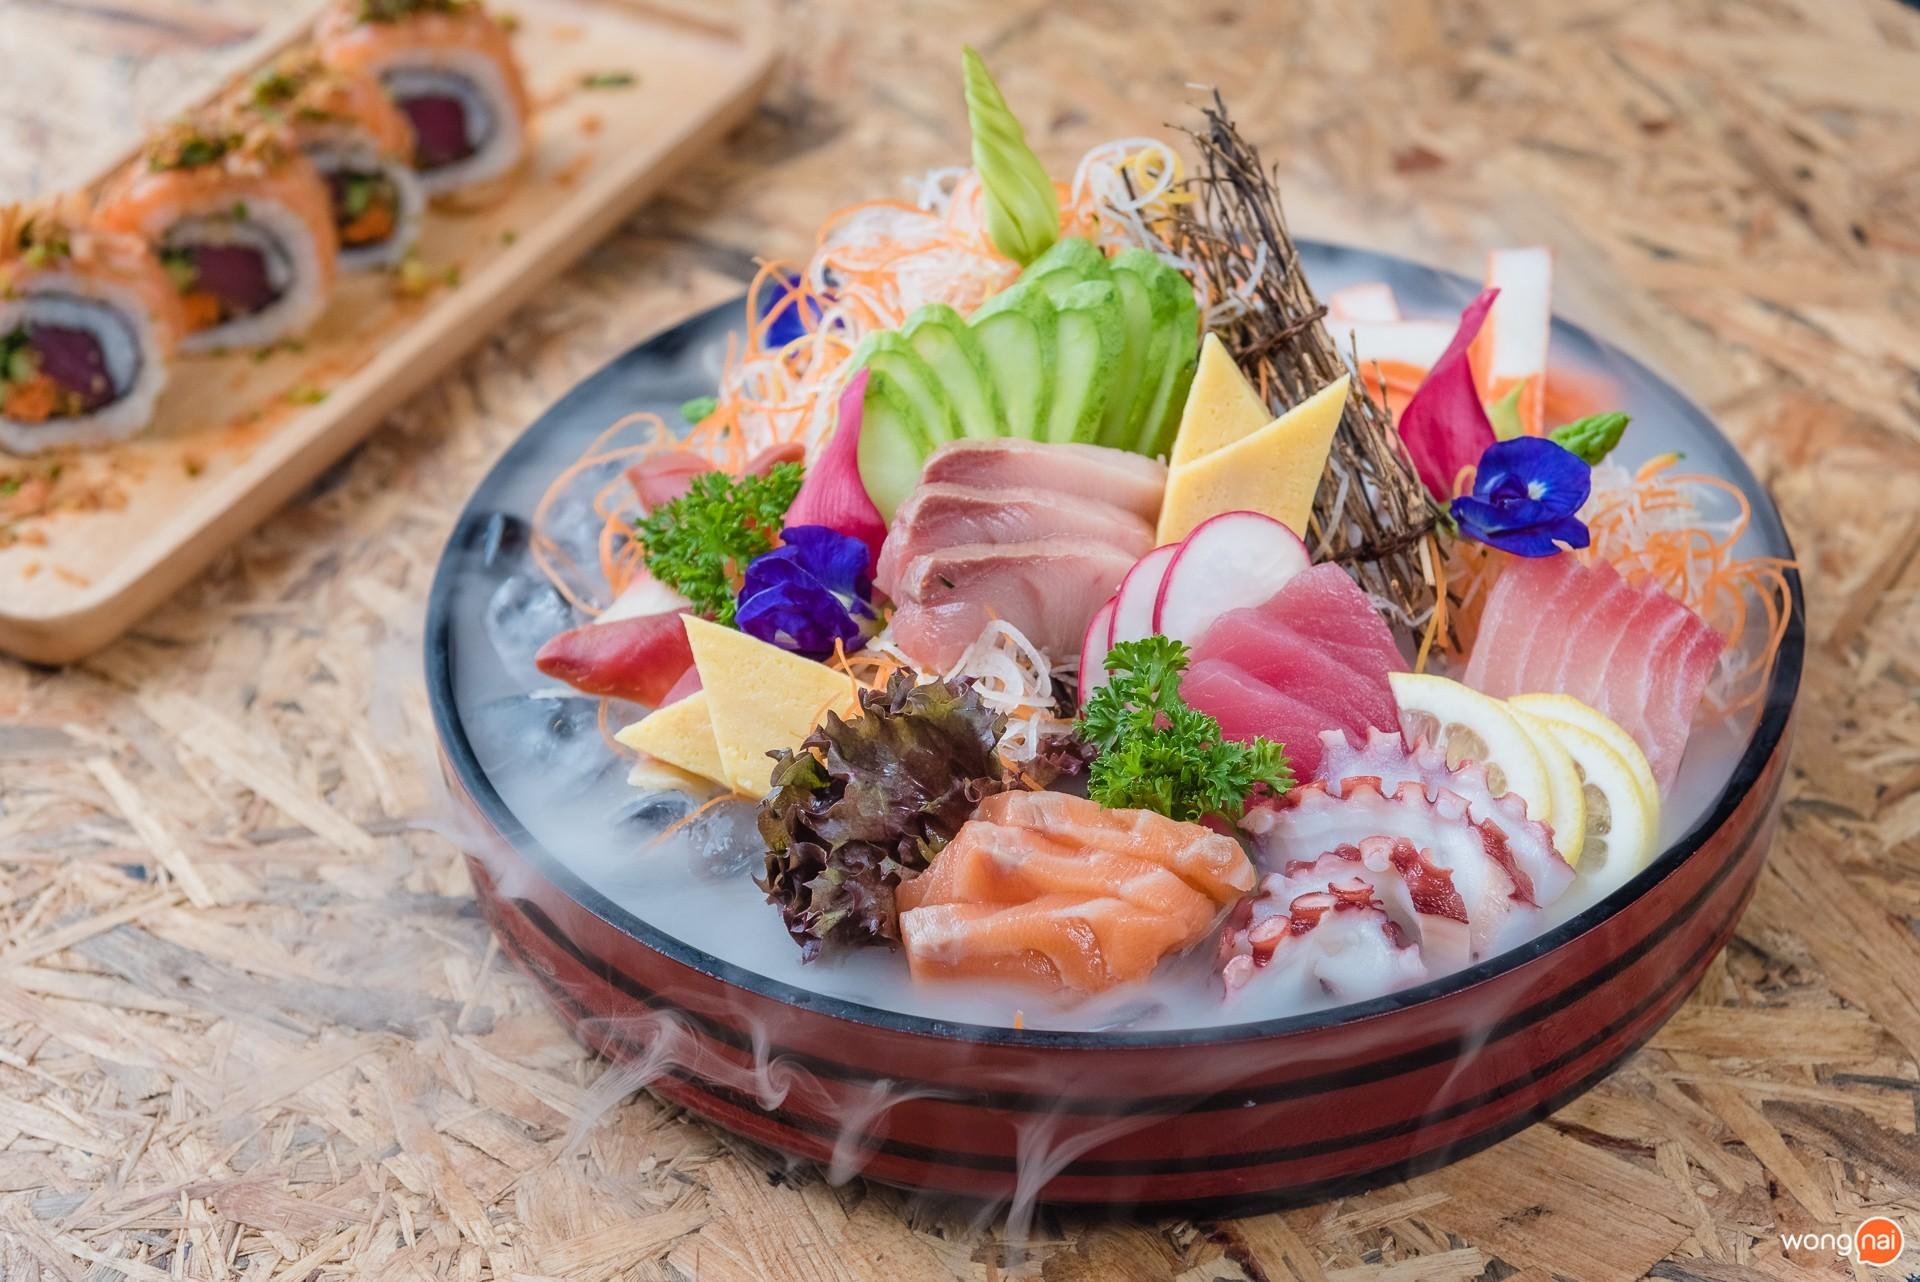 """เมนู """"Masaaki Assorted Sashimi""""  ของร้าน """"Masaaki Sushi"""" ภูเก็ต"""